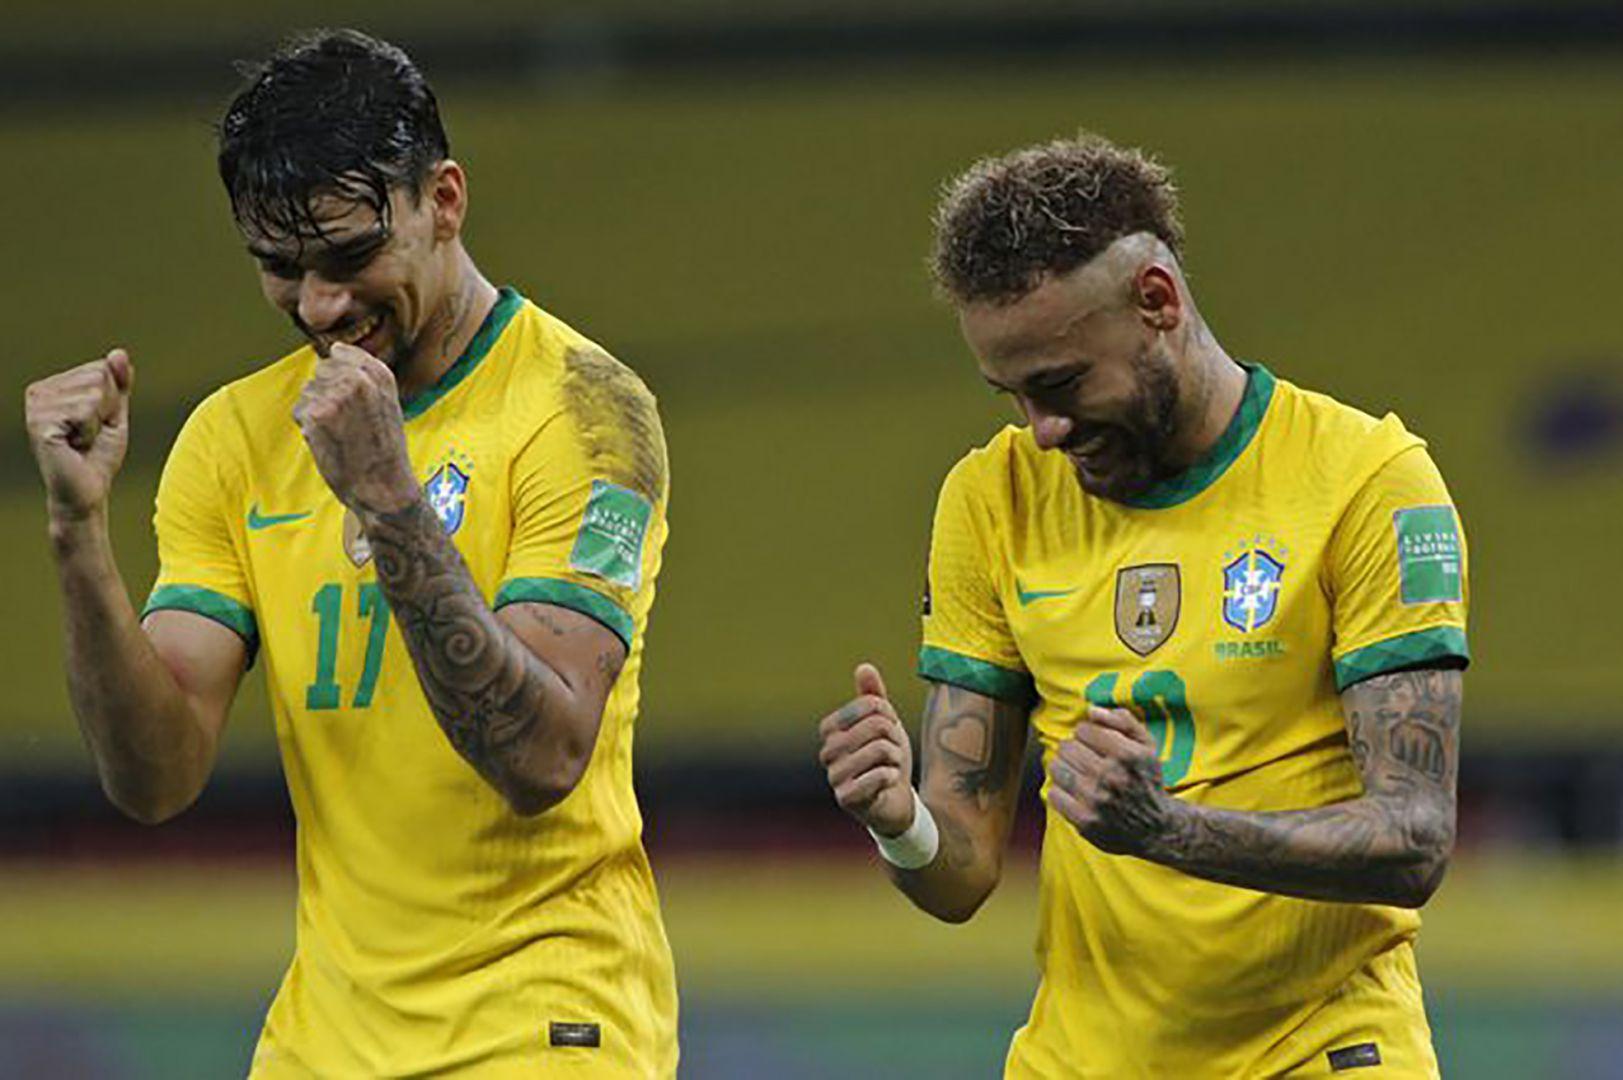 brasil-quiere-mantener-su-paso-arrollador-en-su-debut